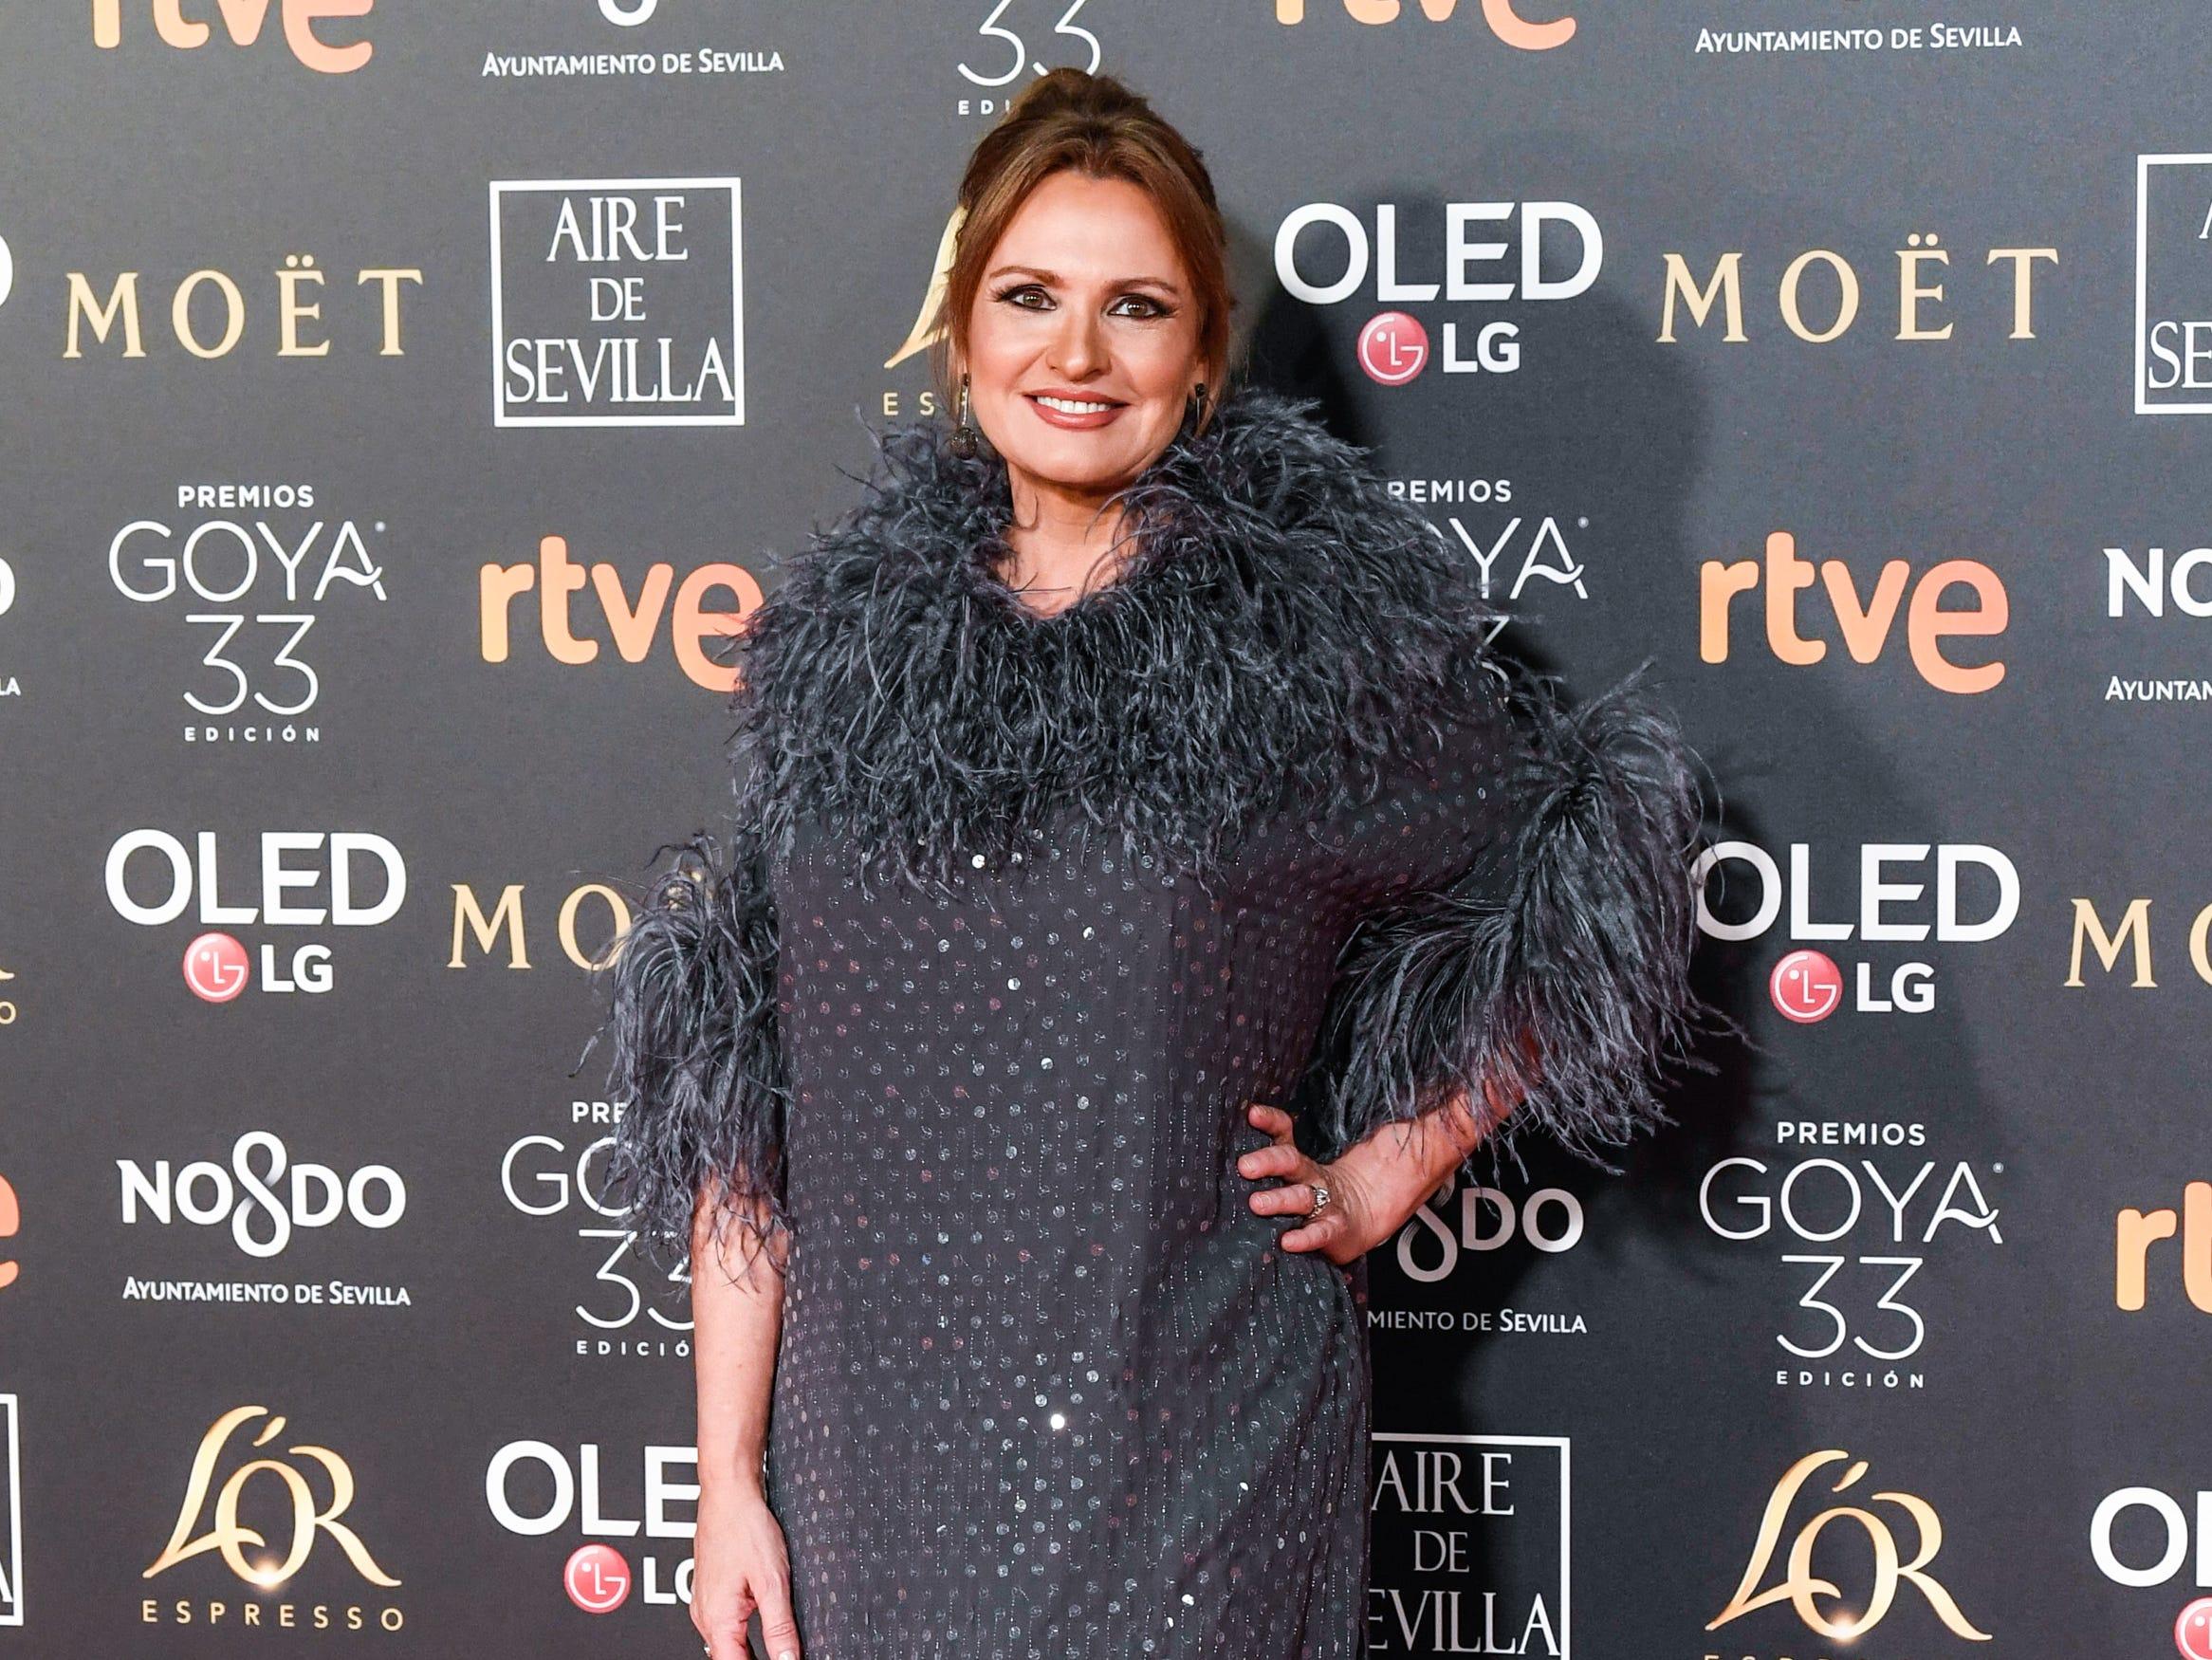 Ainhoa Arteta asiste a la 33ª edición de los Premios de Cine Goya en el Palacio de Congresos y Exposiciones FIBES el 2 de febrero de 2019 en Sevilla, España.